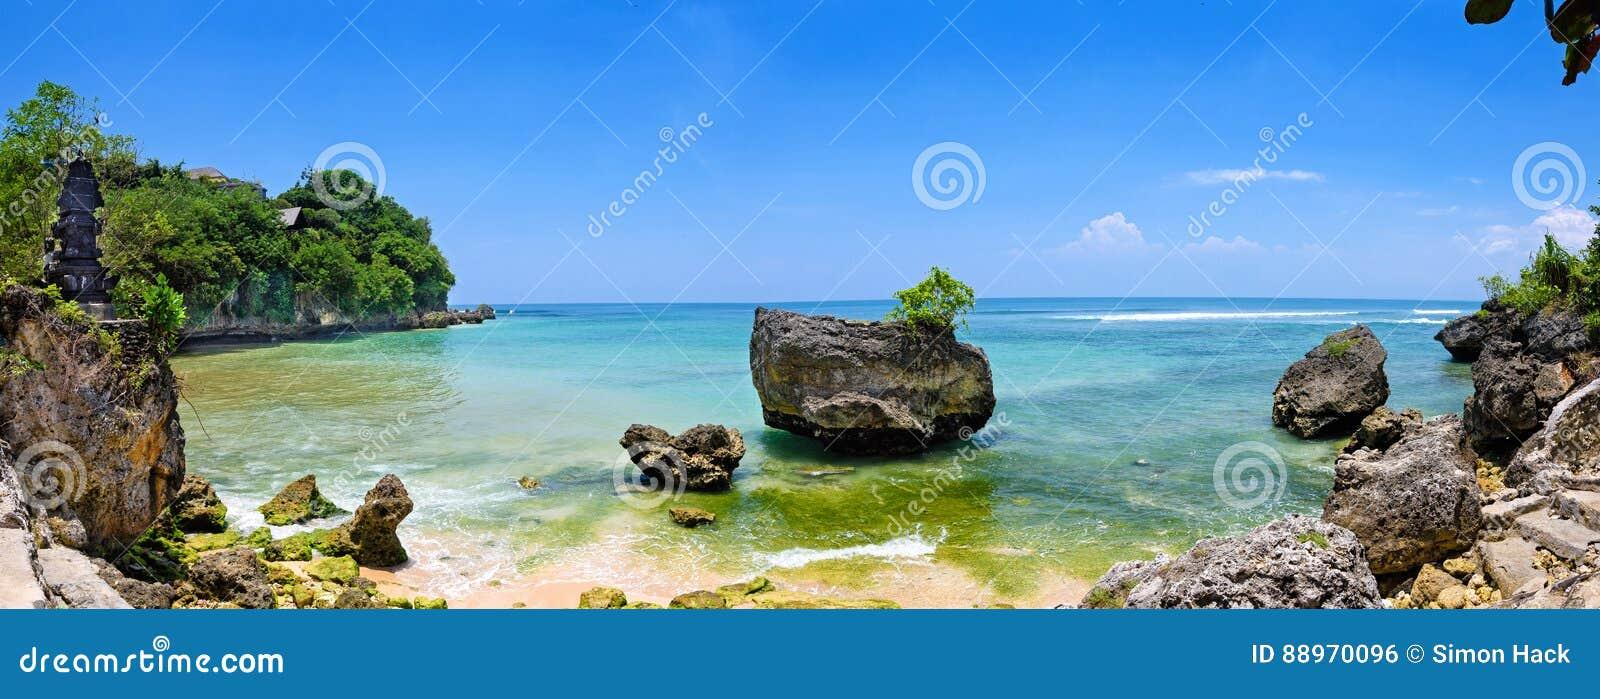 Μια πανοραμική της μεγάλης οθόνης άποψη της παραλίας padang padang στο Μπαλί